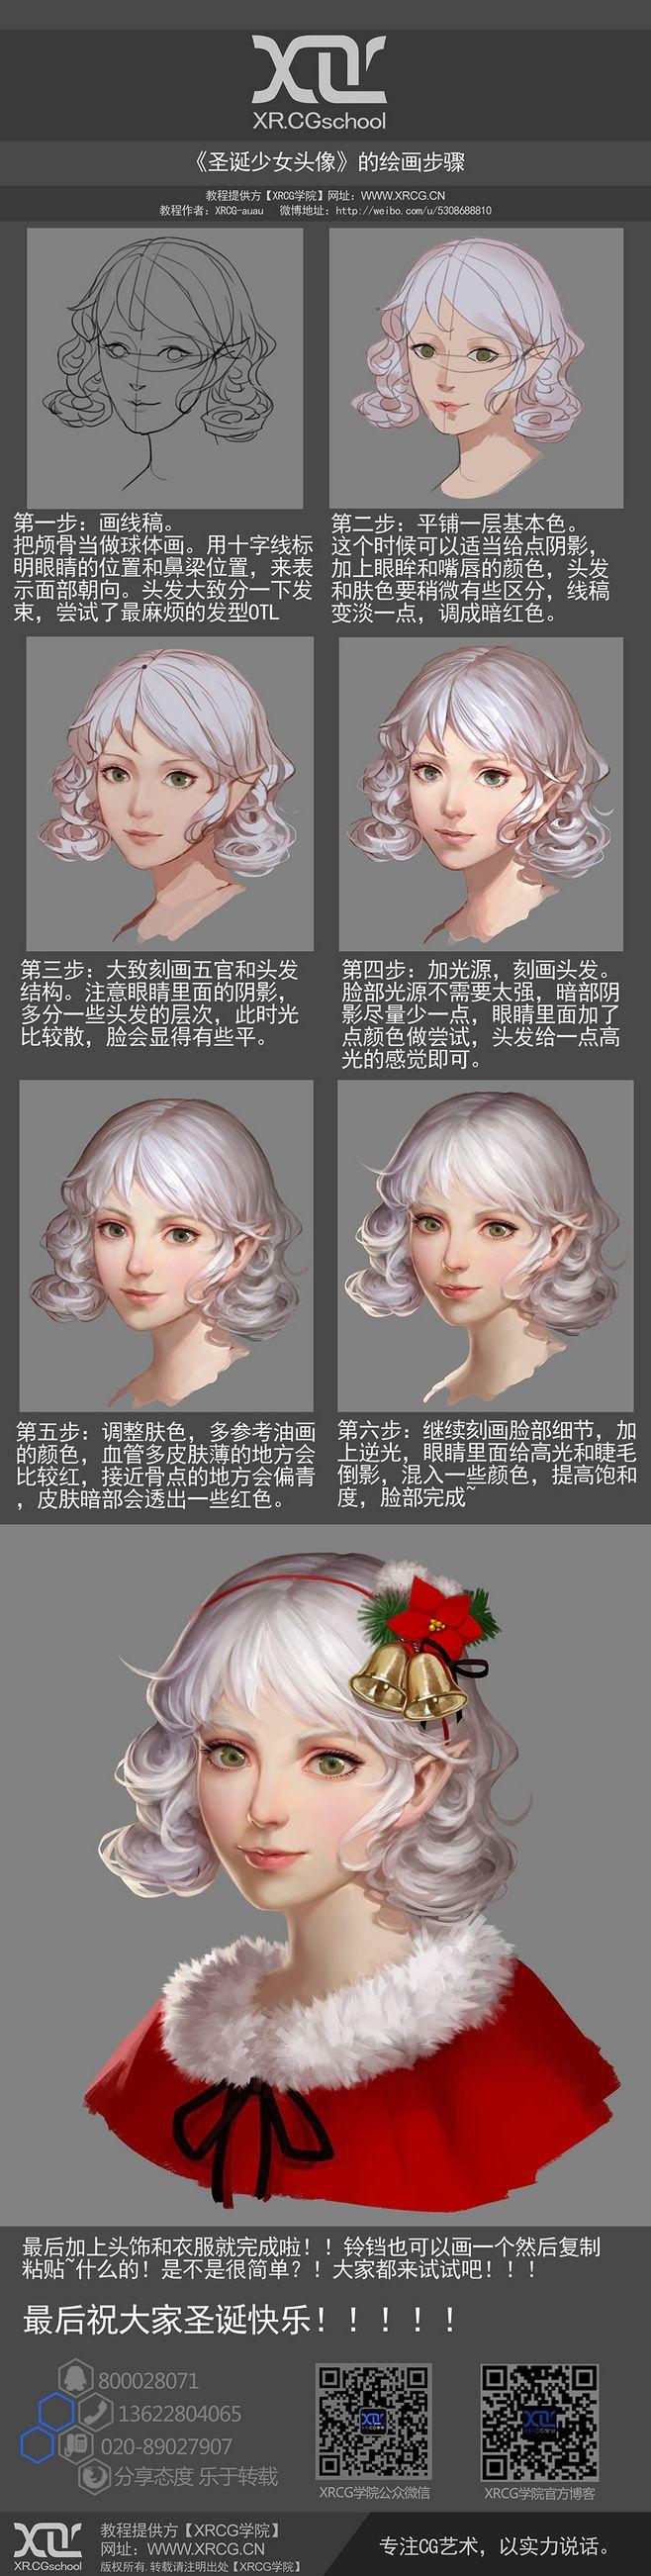 圣诞少女的教程~@-auau-采集到自己的画(52图)_花瓣游戏